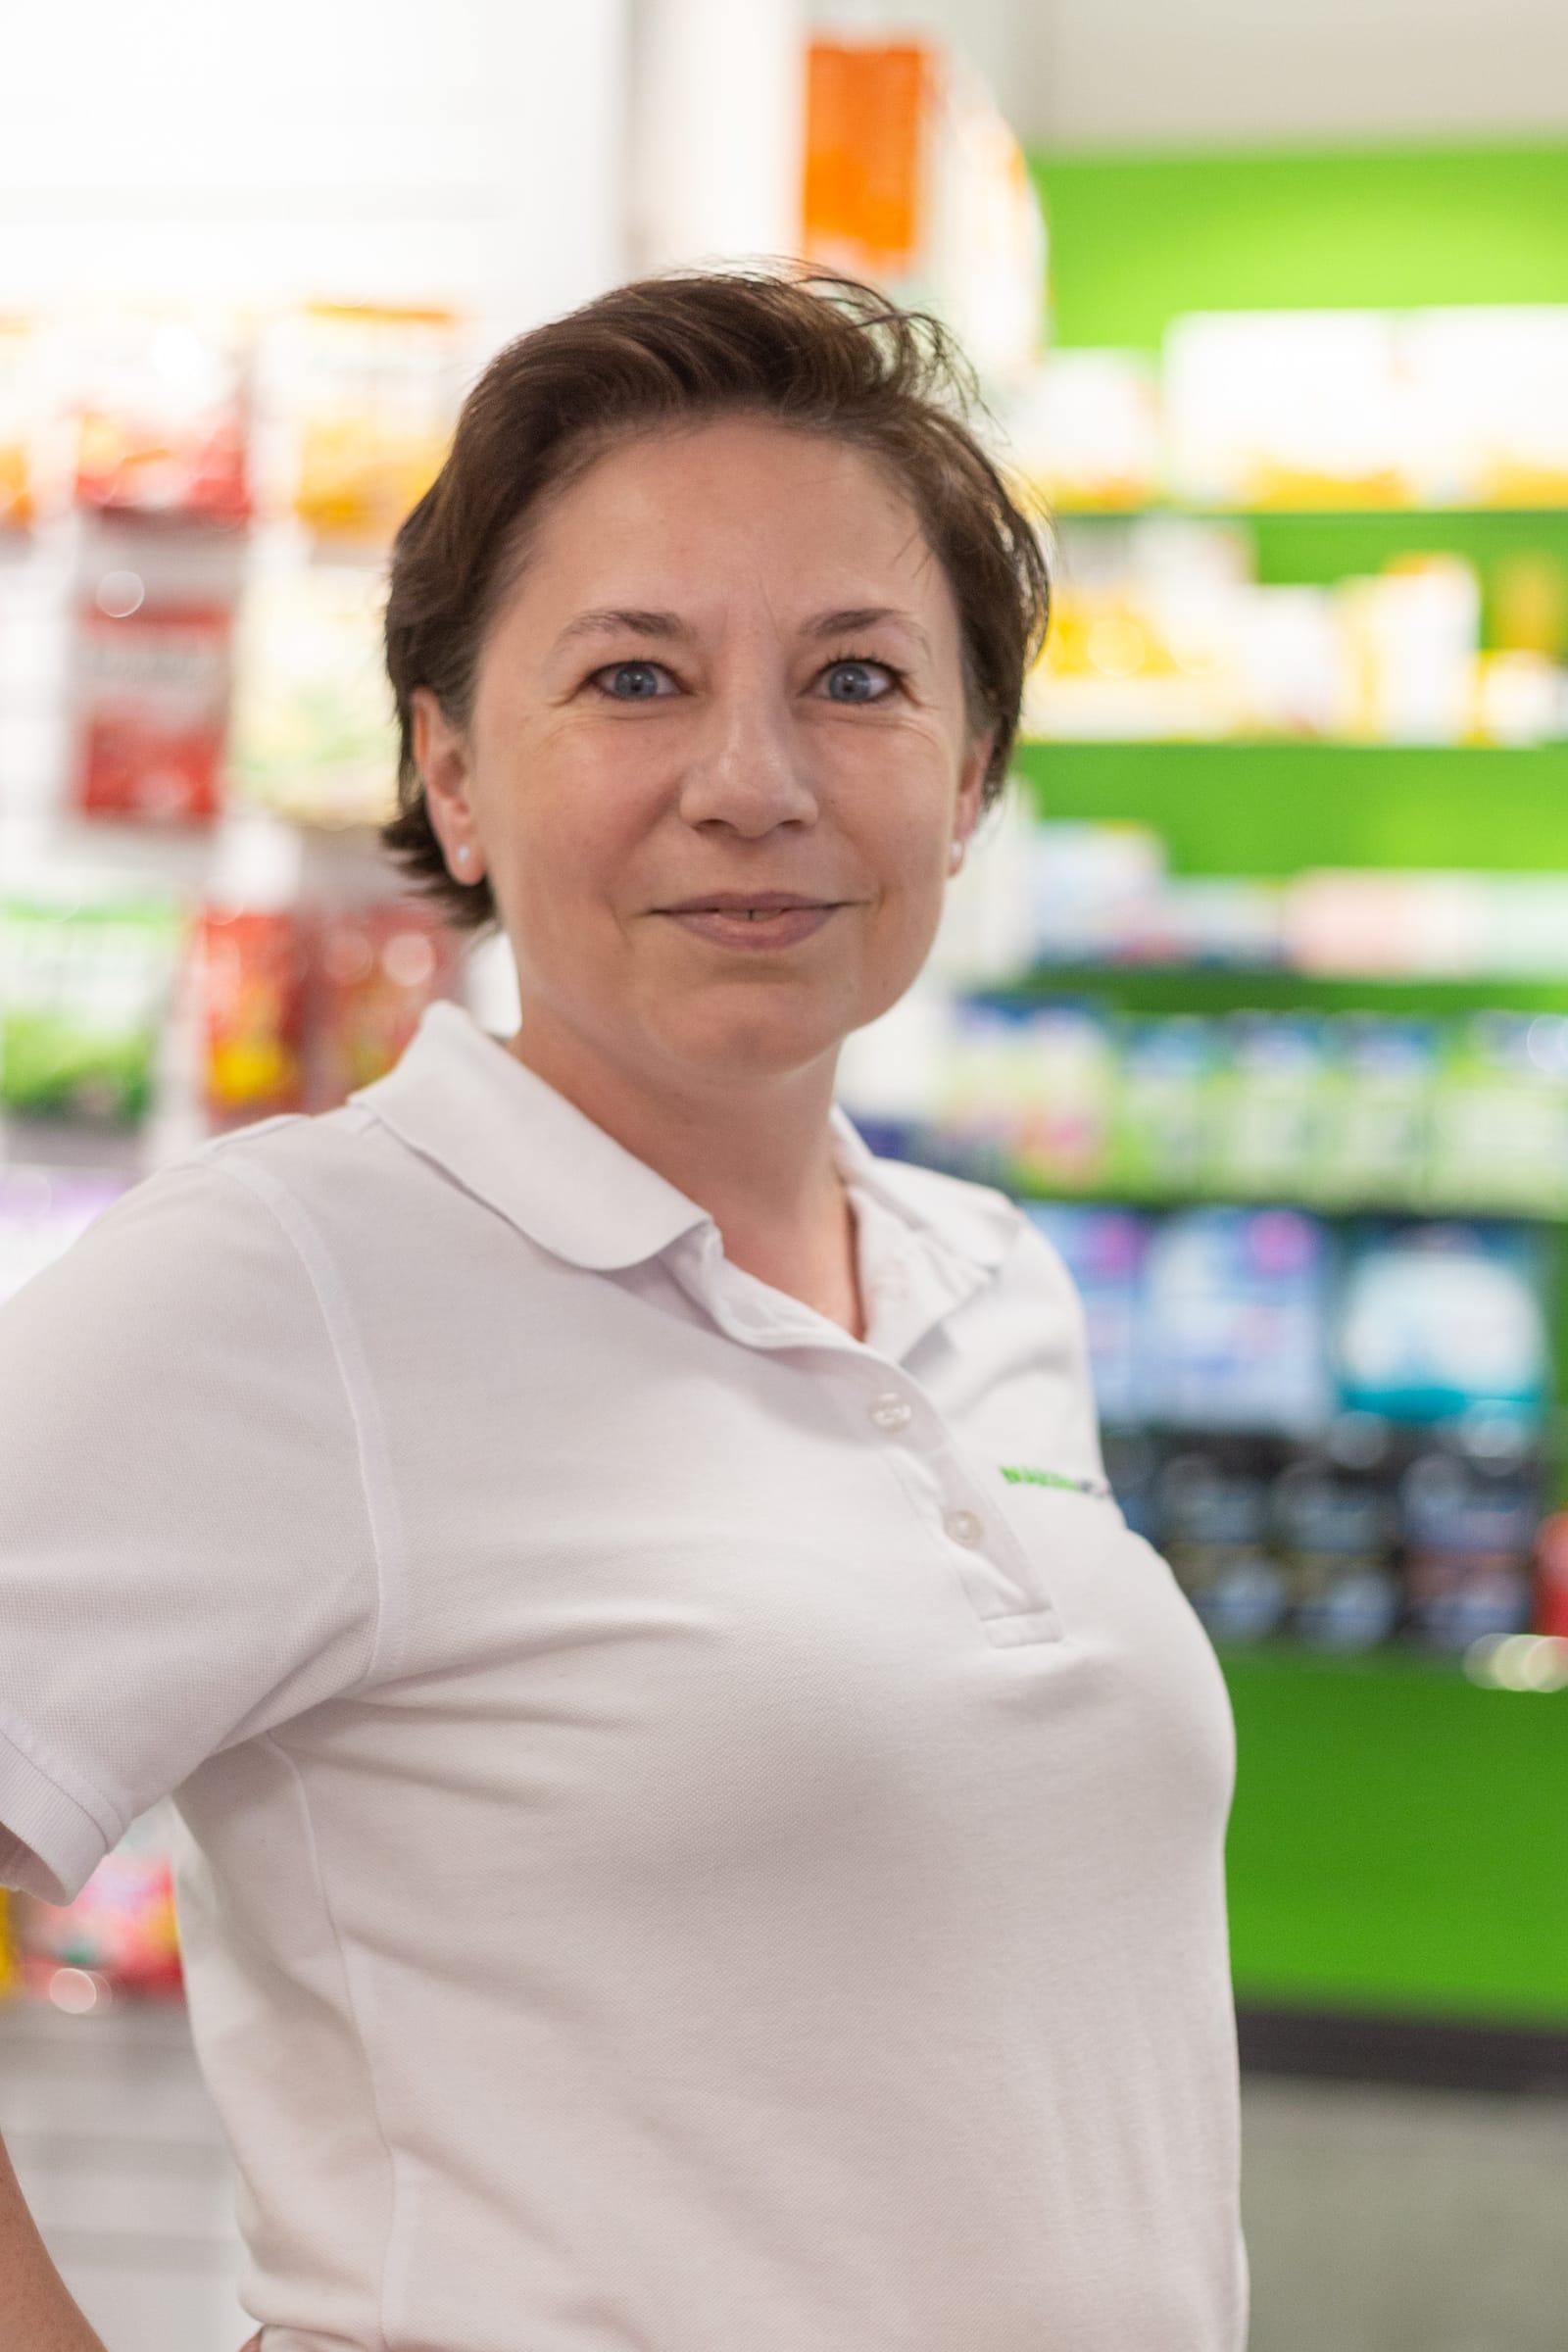 Porträtfoto von Frau Hausknecht